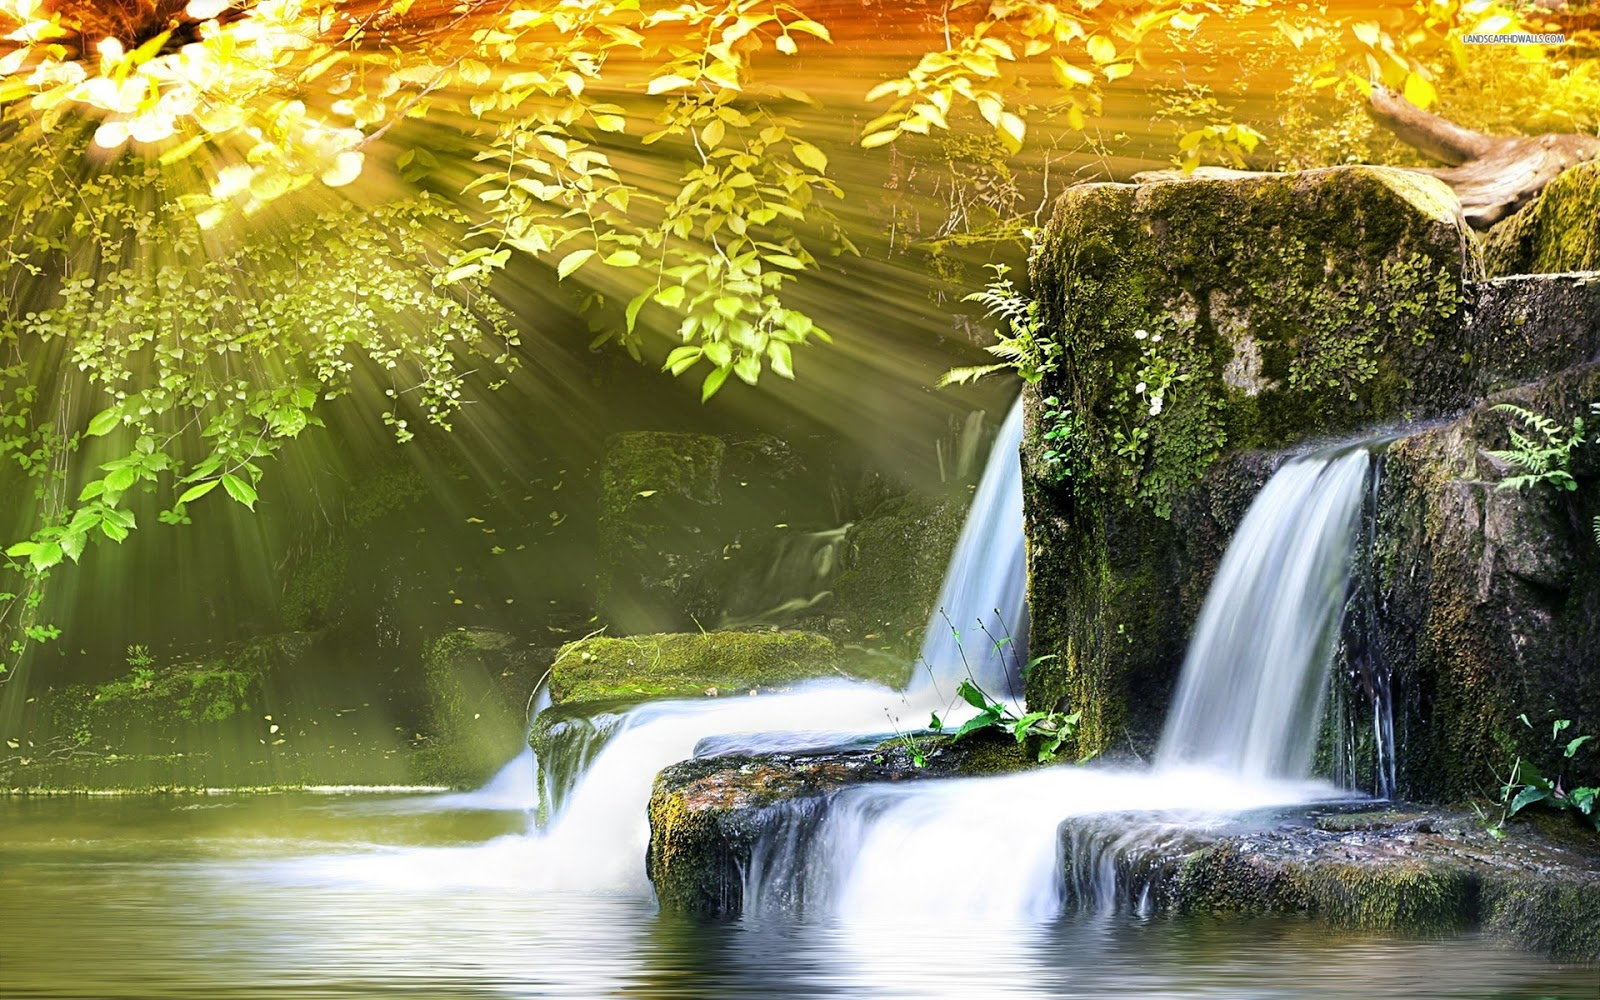 Gambar Lukisan Air Terjun Indah Wallpaper Pemandangan Alam Cantik